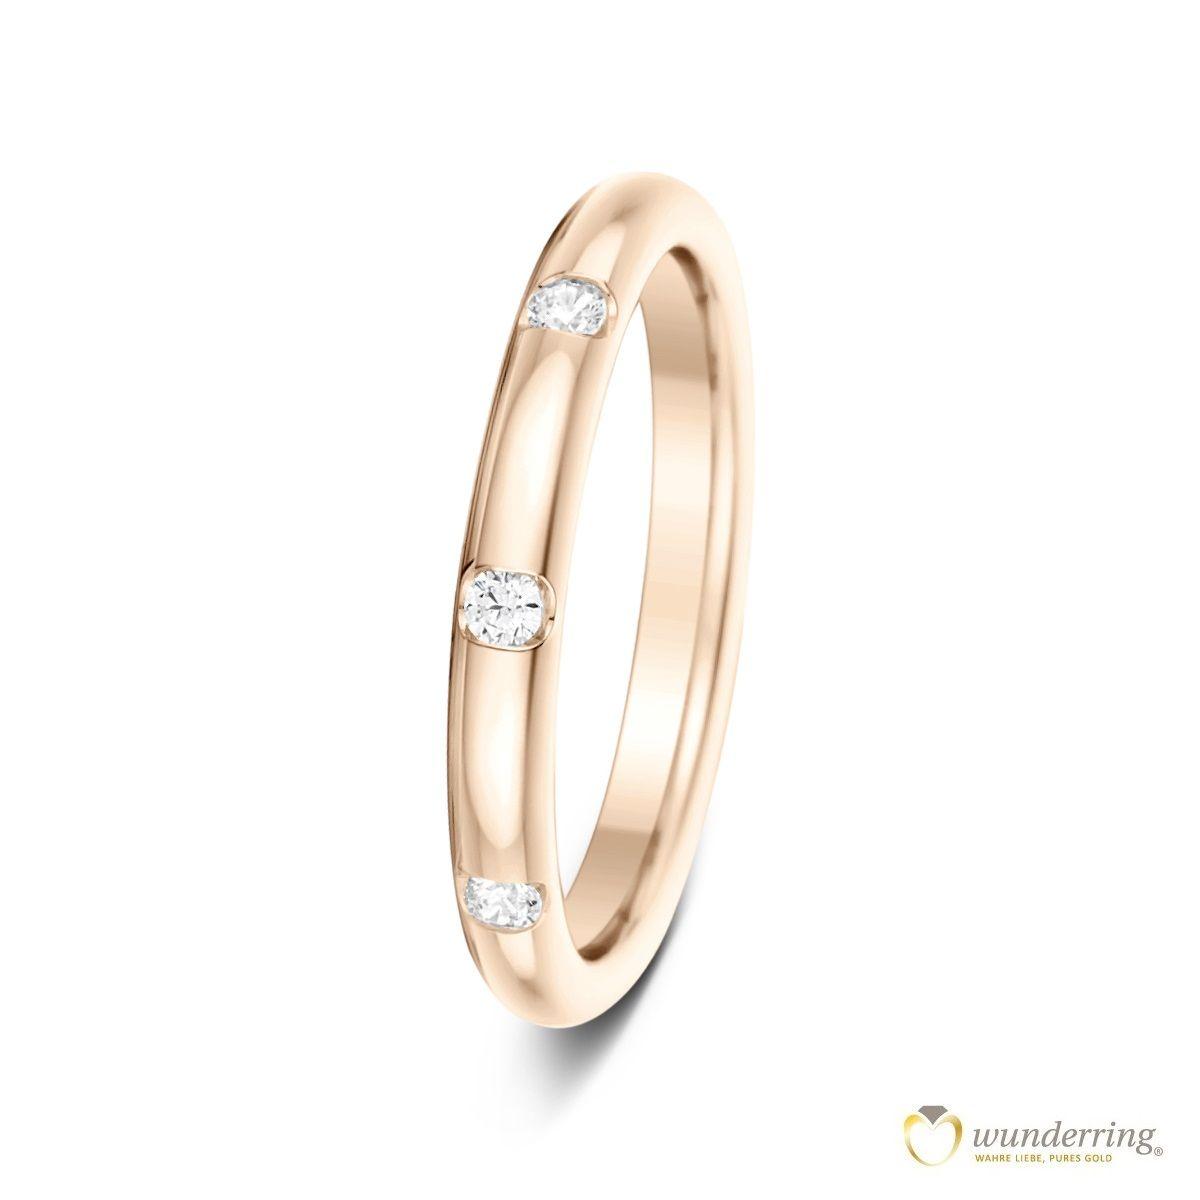 Schmaler Diamantring Roségoldring Auch Sehr Schön Zum Kombinieren Beispiel Als Vorsteckring Ringe